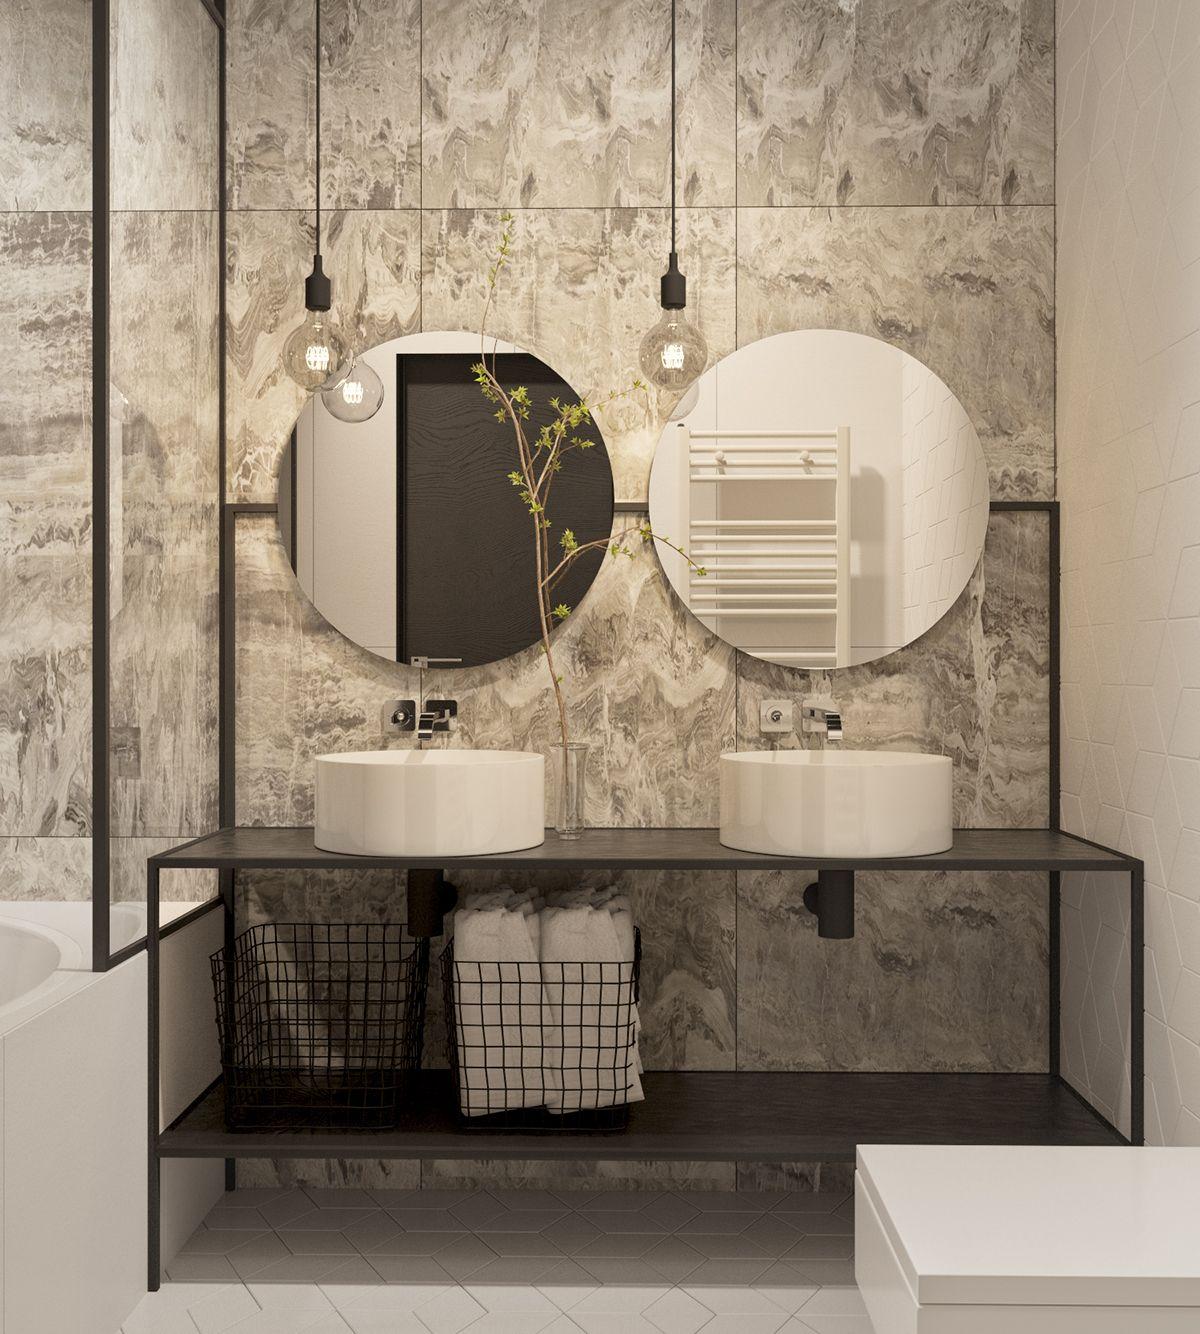 Espejos y luces | Casa Nordelta | Pinterest | Espejo, Luces y Baños